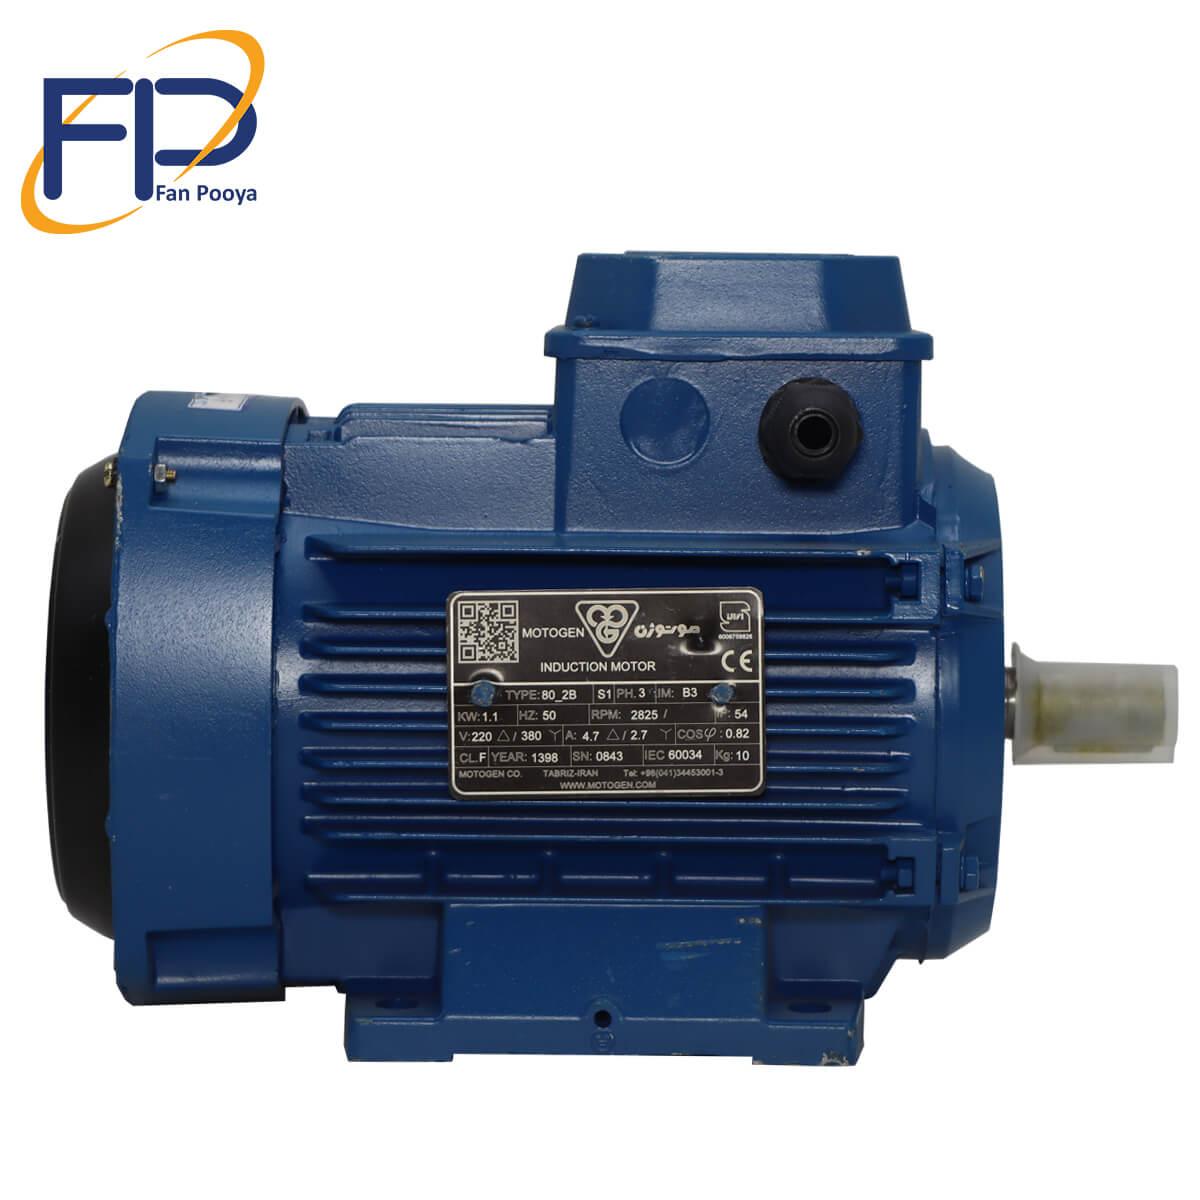 الکترو موتور موتوژن قدرت 0.18kw کیلو وات1500 دور